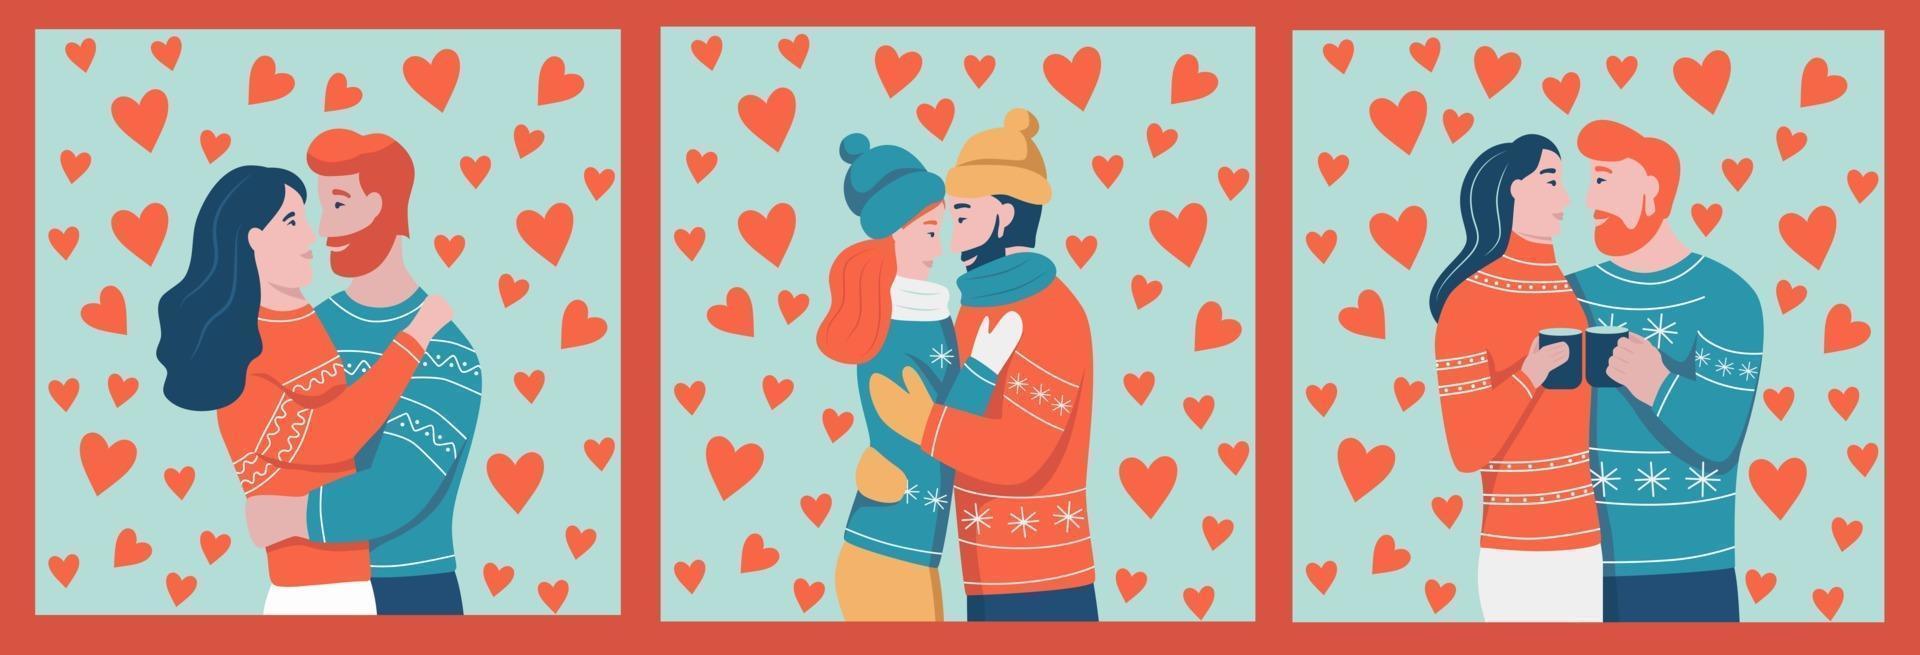 en uppsättning kort och mallar för alla hjärtans dag. paret kramar. unga människor i kärlek. en man och en kvinna på hjärtans bakgrund. platt tecknad vektorillustration. vektor